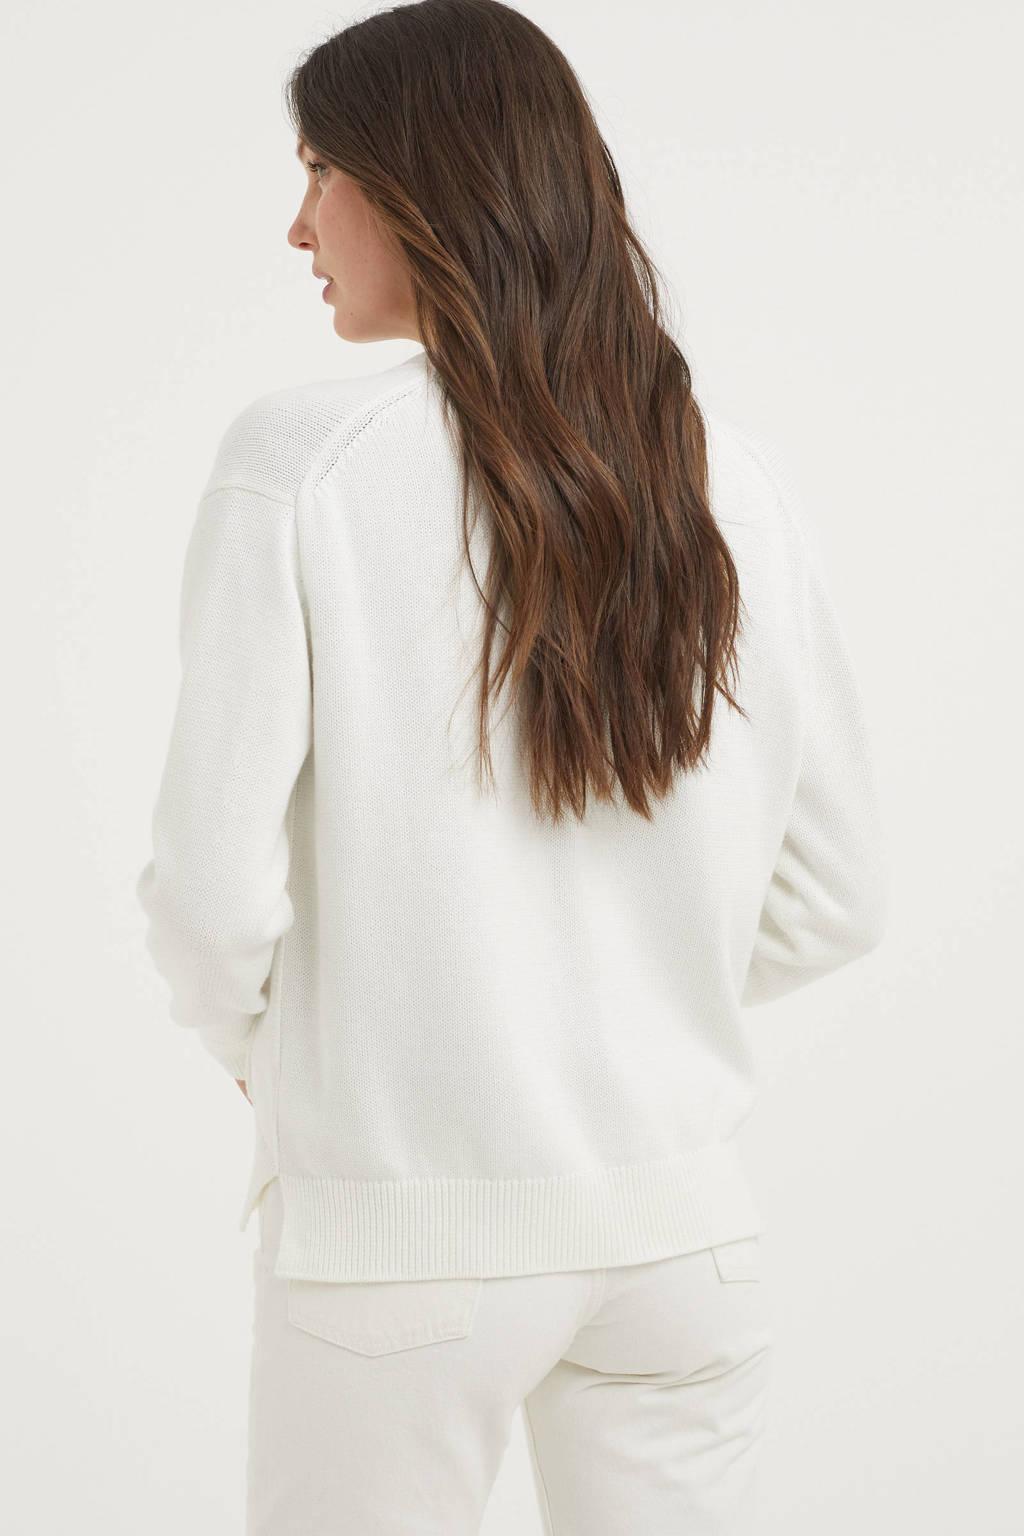 POLO Ralph Lauren fijngebreid vest wit, Wit